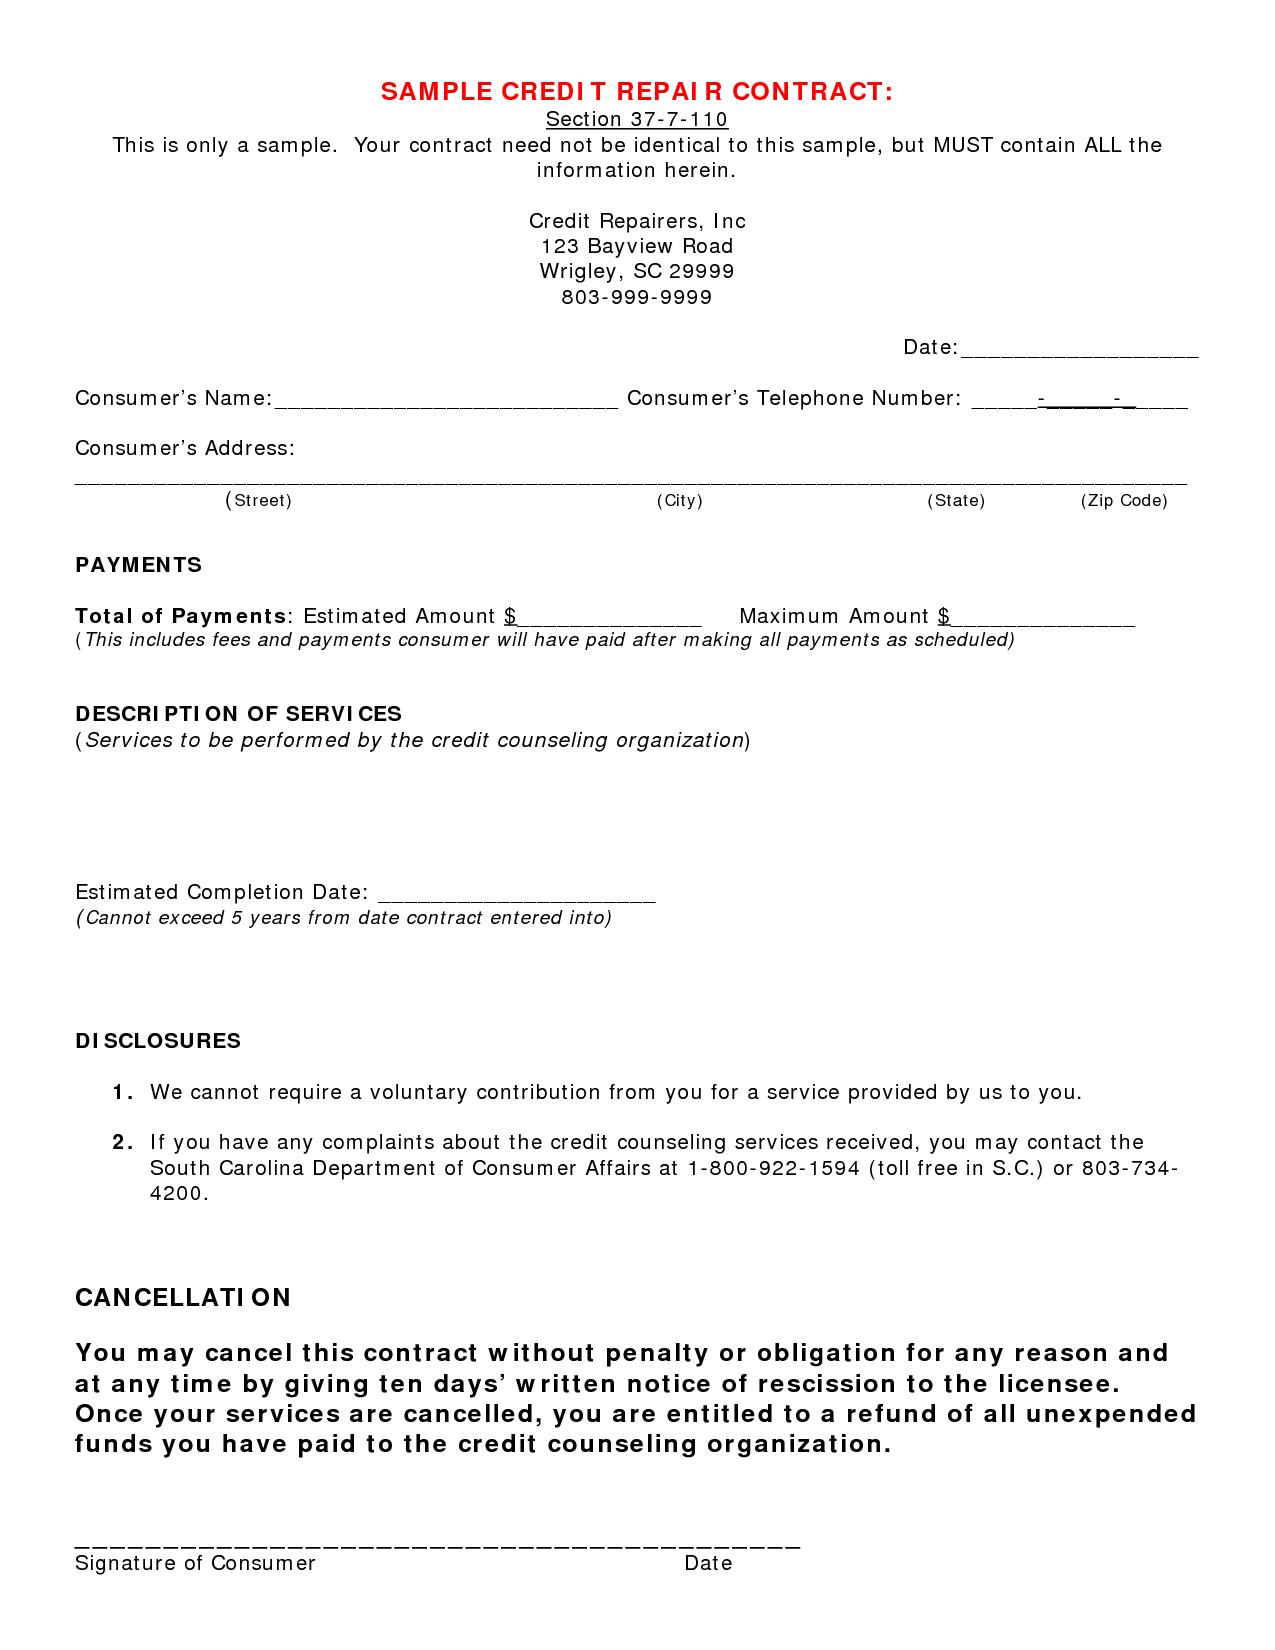 Credit Repair Contract Sample Credit Repair SECRETS Exposed Here ...